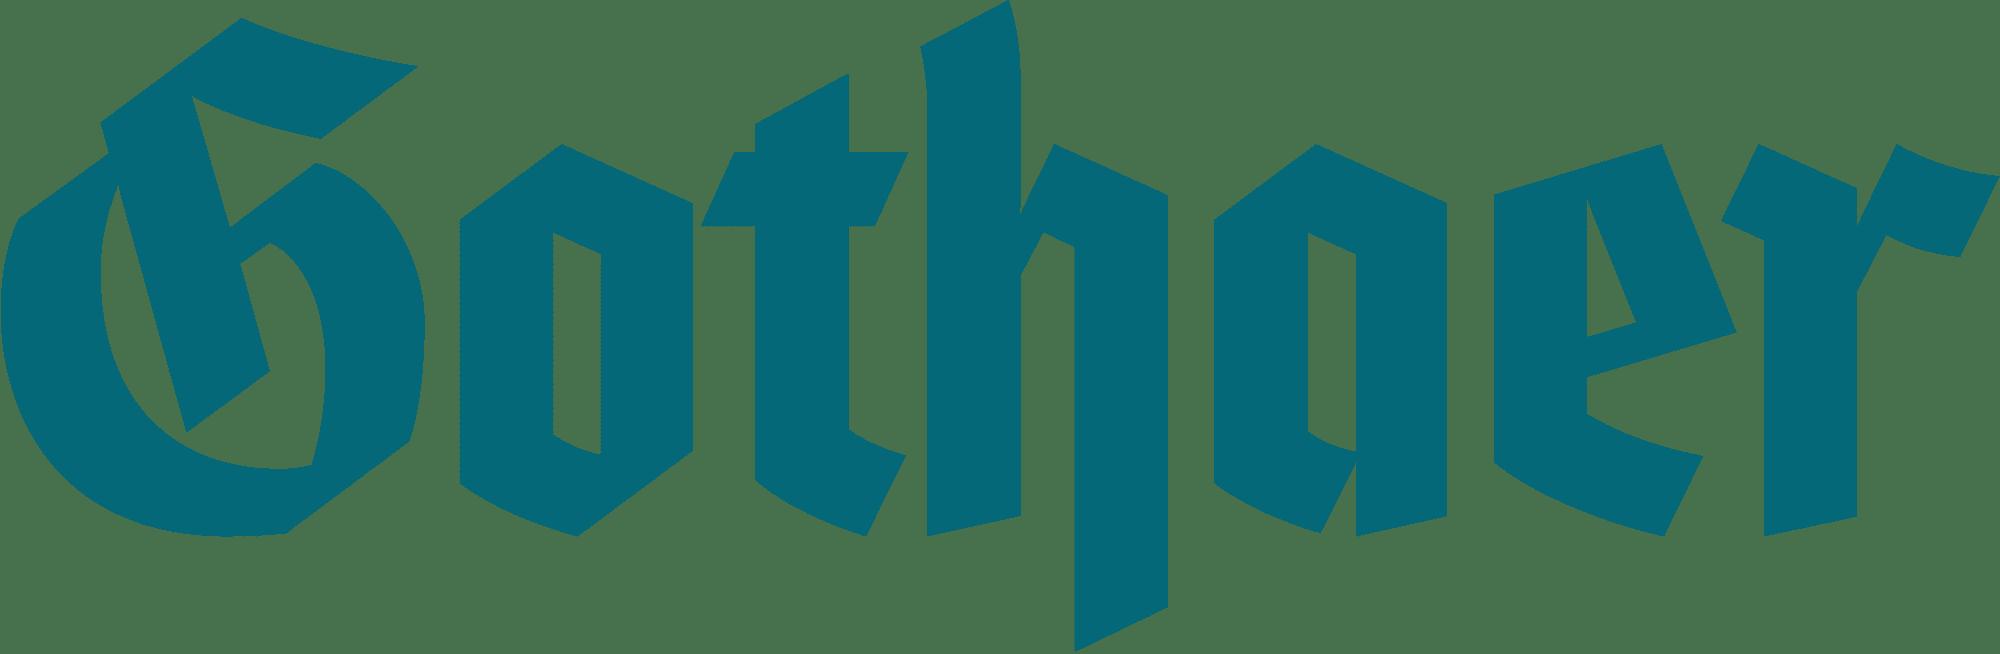 Gothaer Berufsunfähigkeitsversicherung